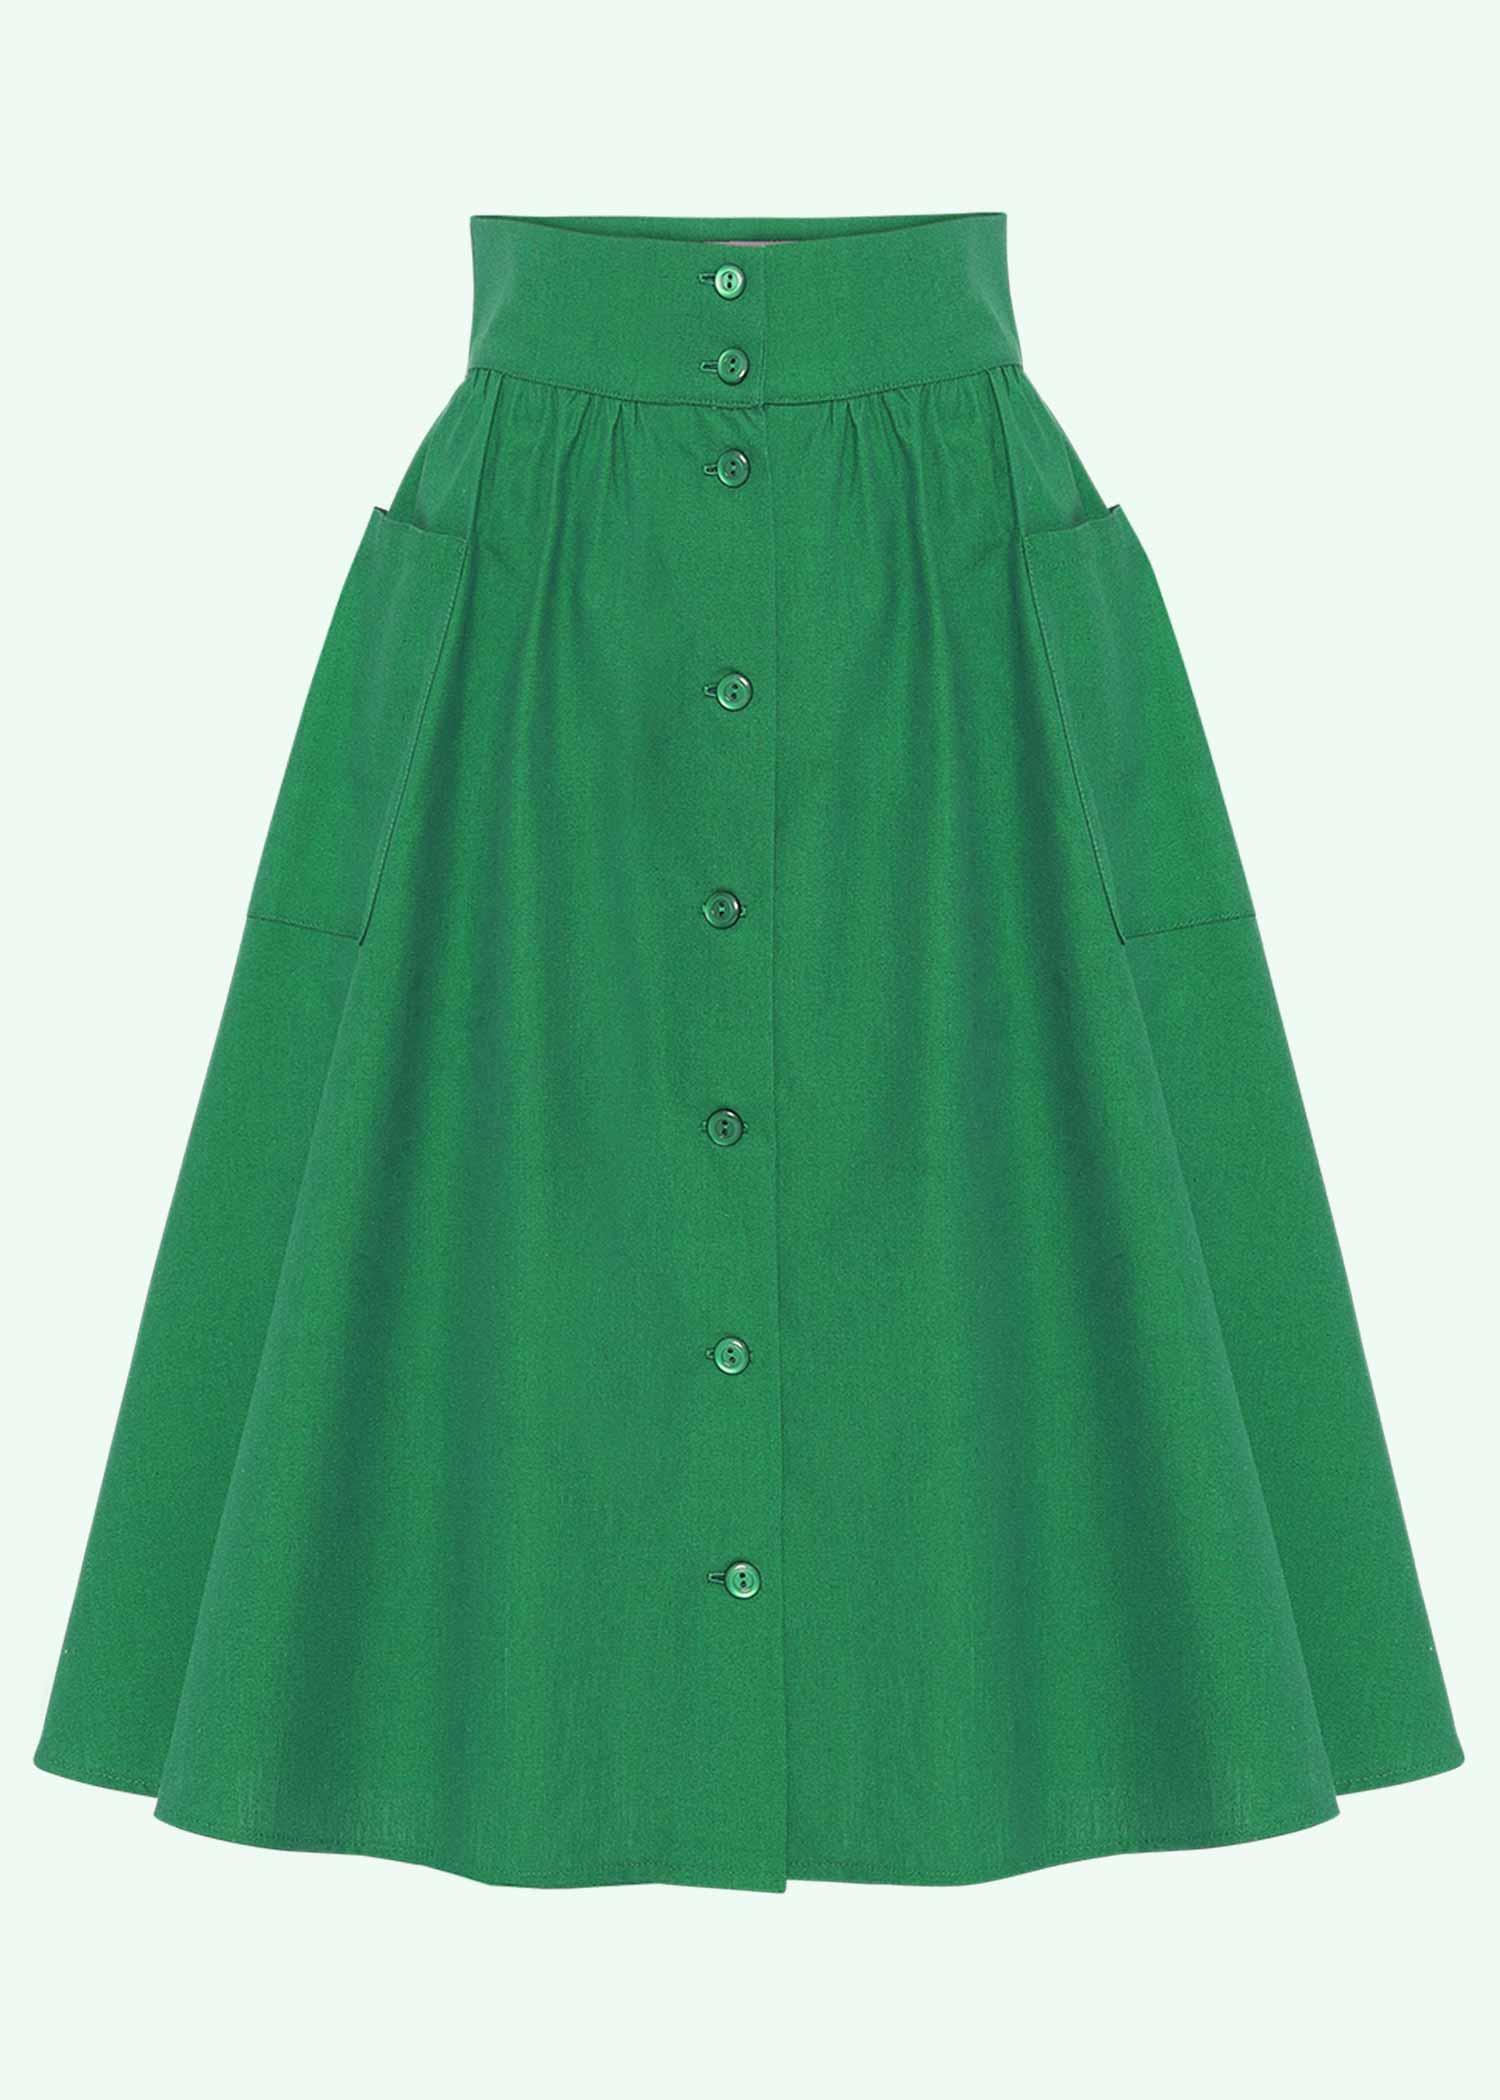 50s inspired skirt in green from Heart Of Haute